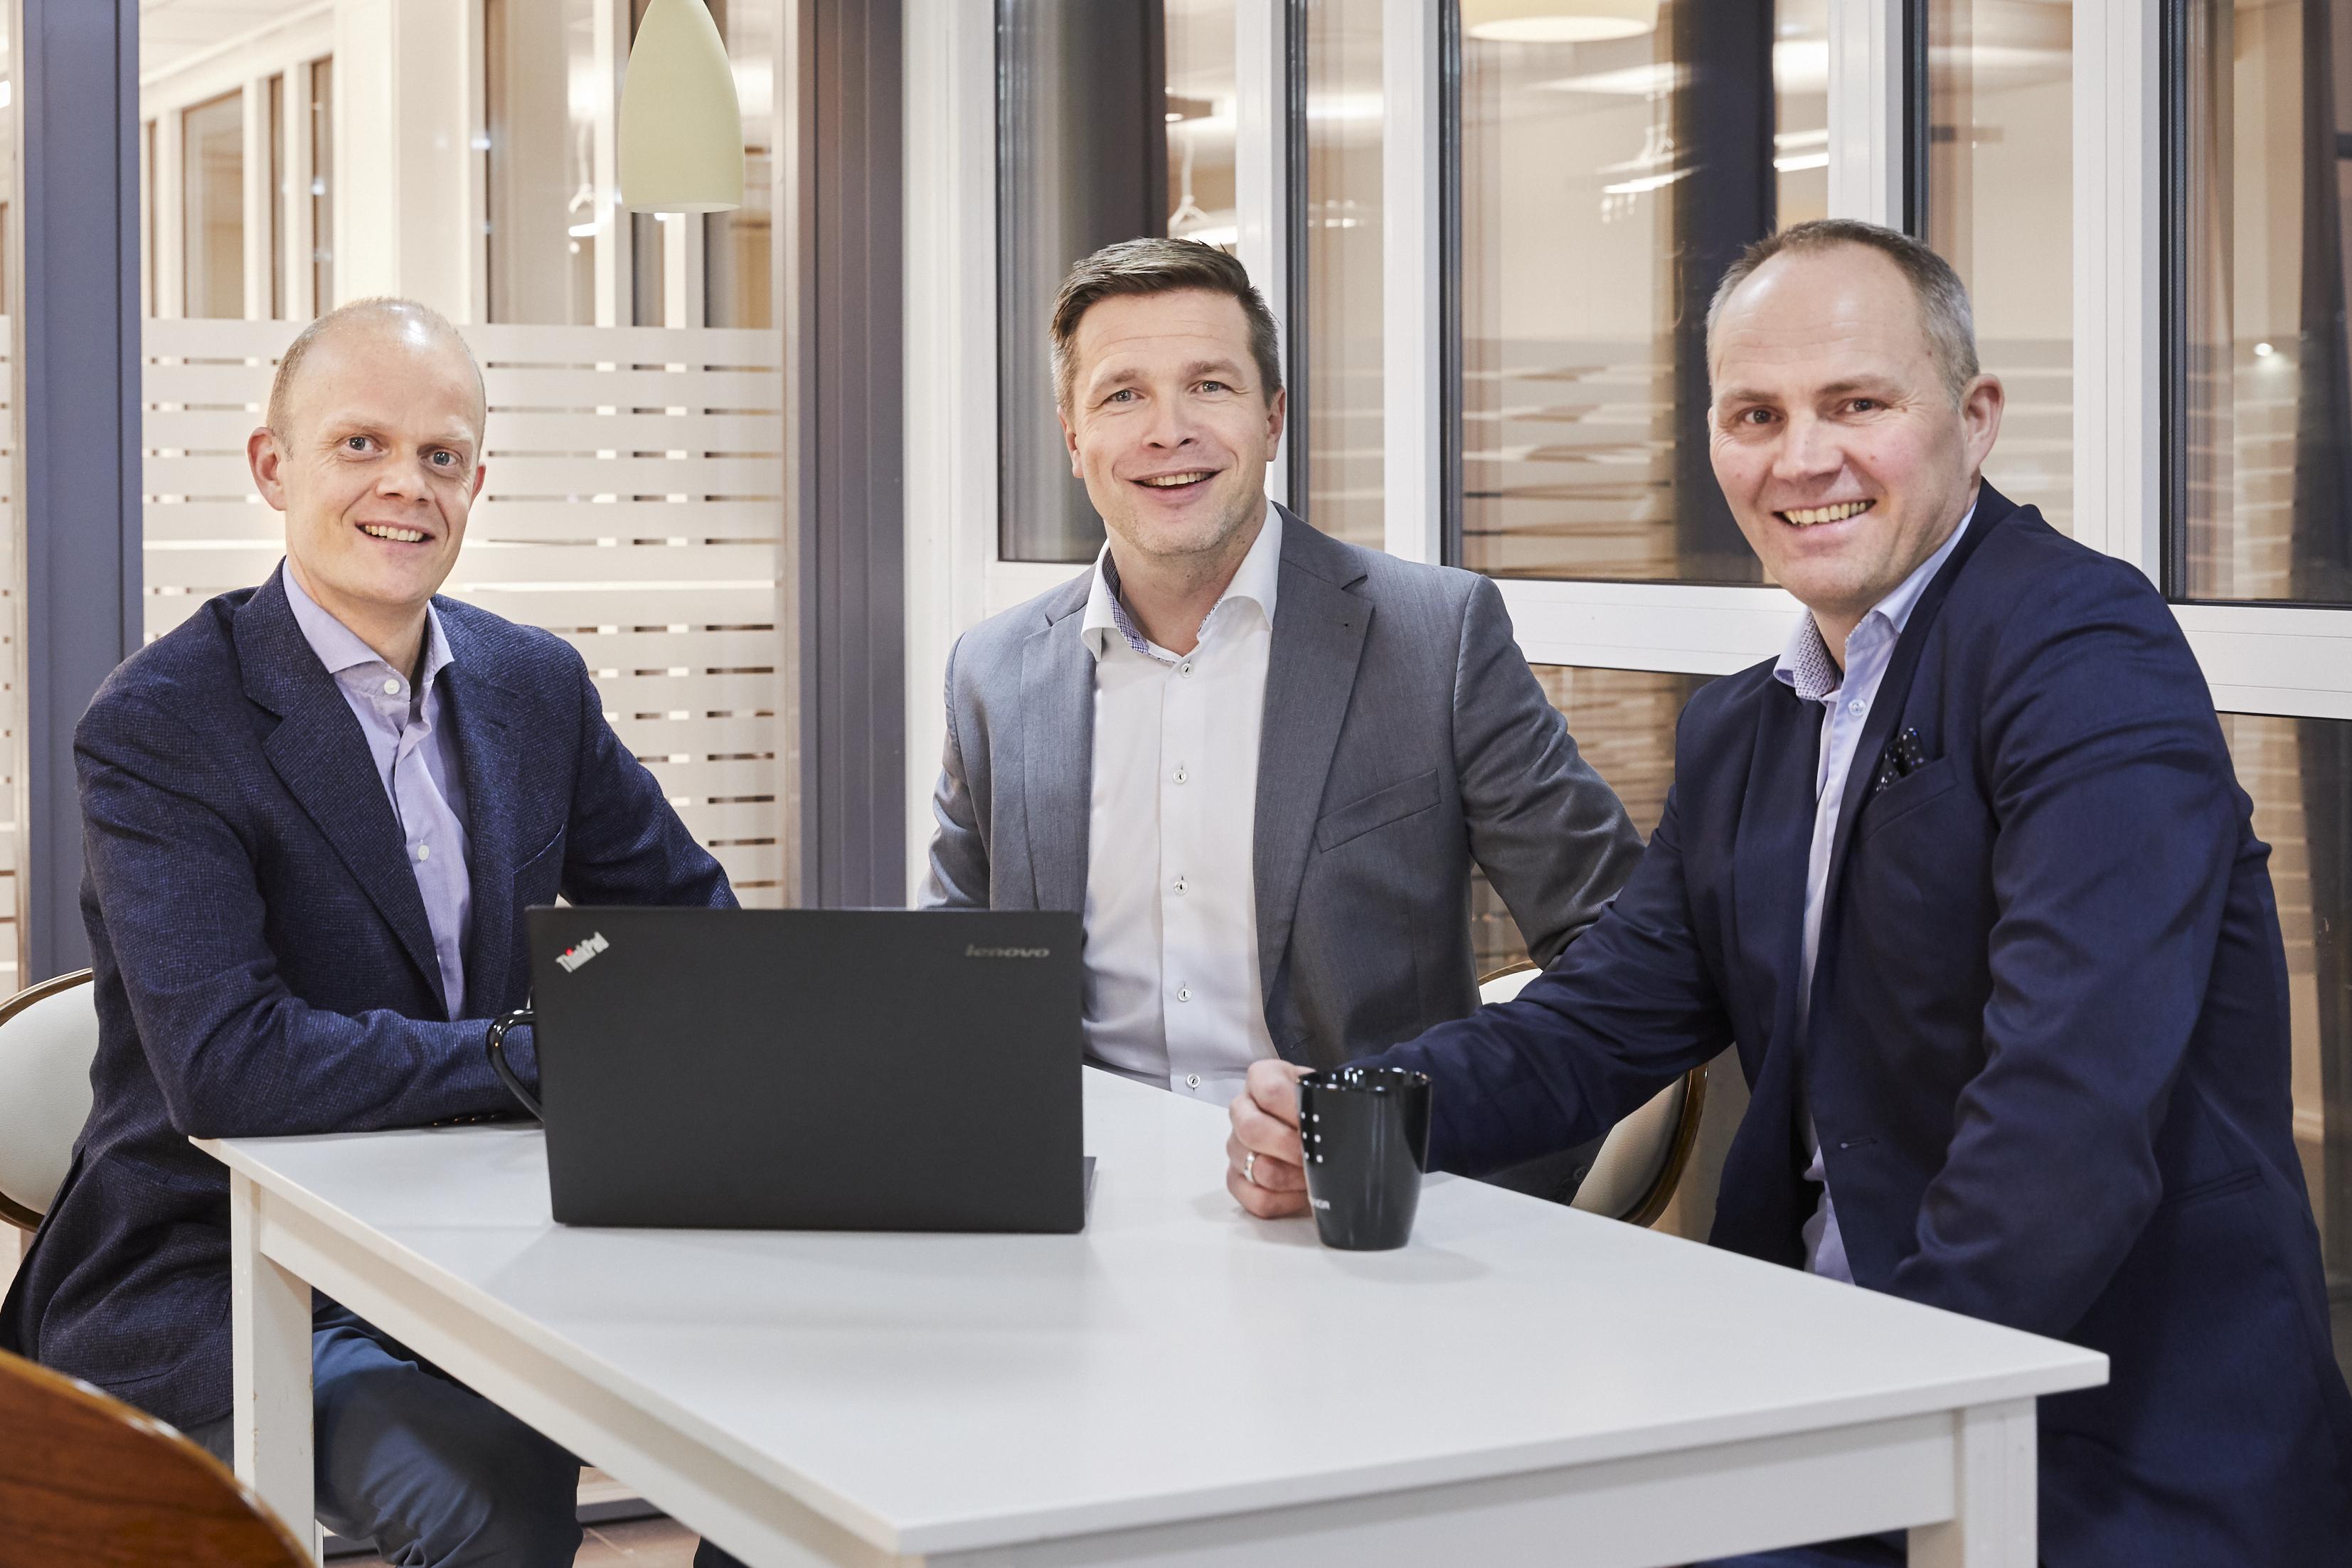 Fra venstre: Preben Wiksèn, Torben Torbjørnsen og Fritz Hansen